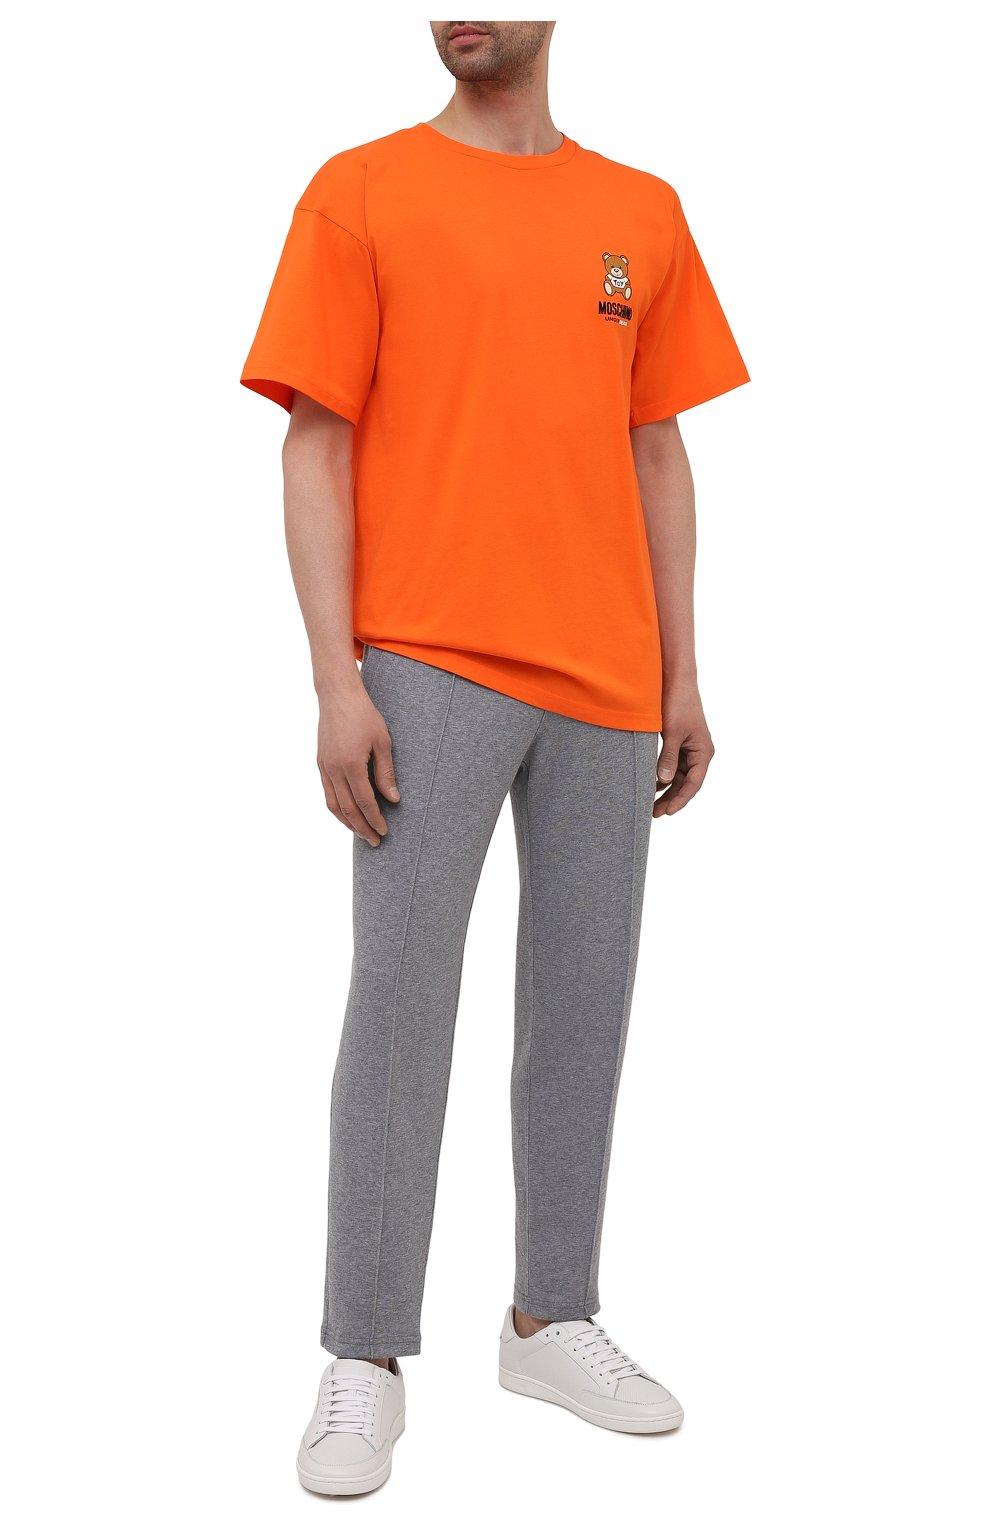 Мужская хлопковая футболка MOSCHINO оранжевого цвета, арт. A1923/8125 | Фото 2 (Кросс-КТ: домашняя одежда; Рукава: Короткие; Длина (для топов): Стандартные; Материал внешний: Хлопок; Мужское Кросс-КТ: Футболка-белье)